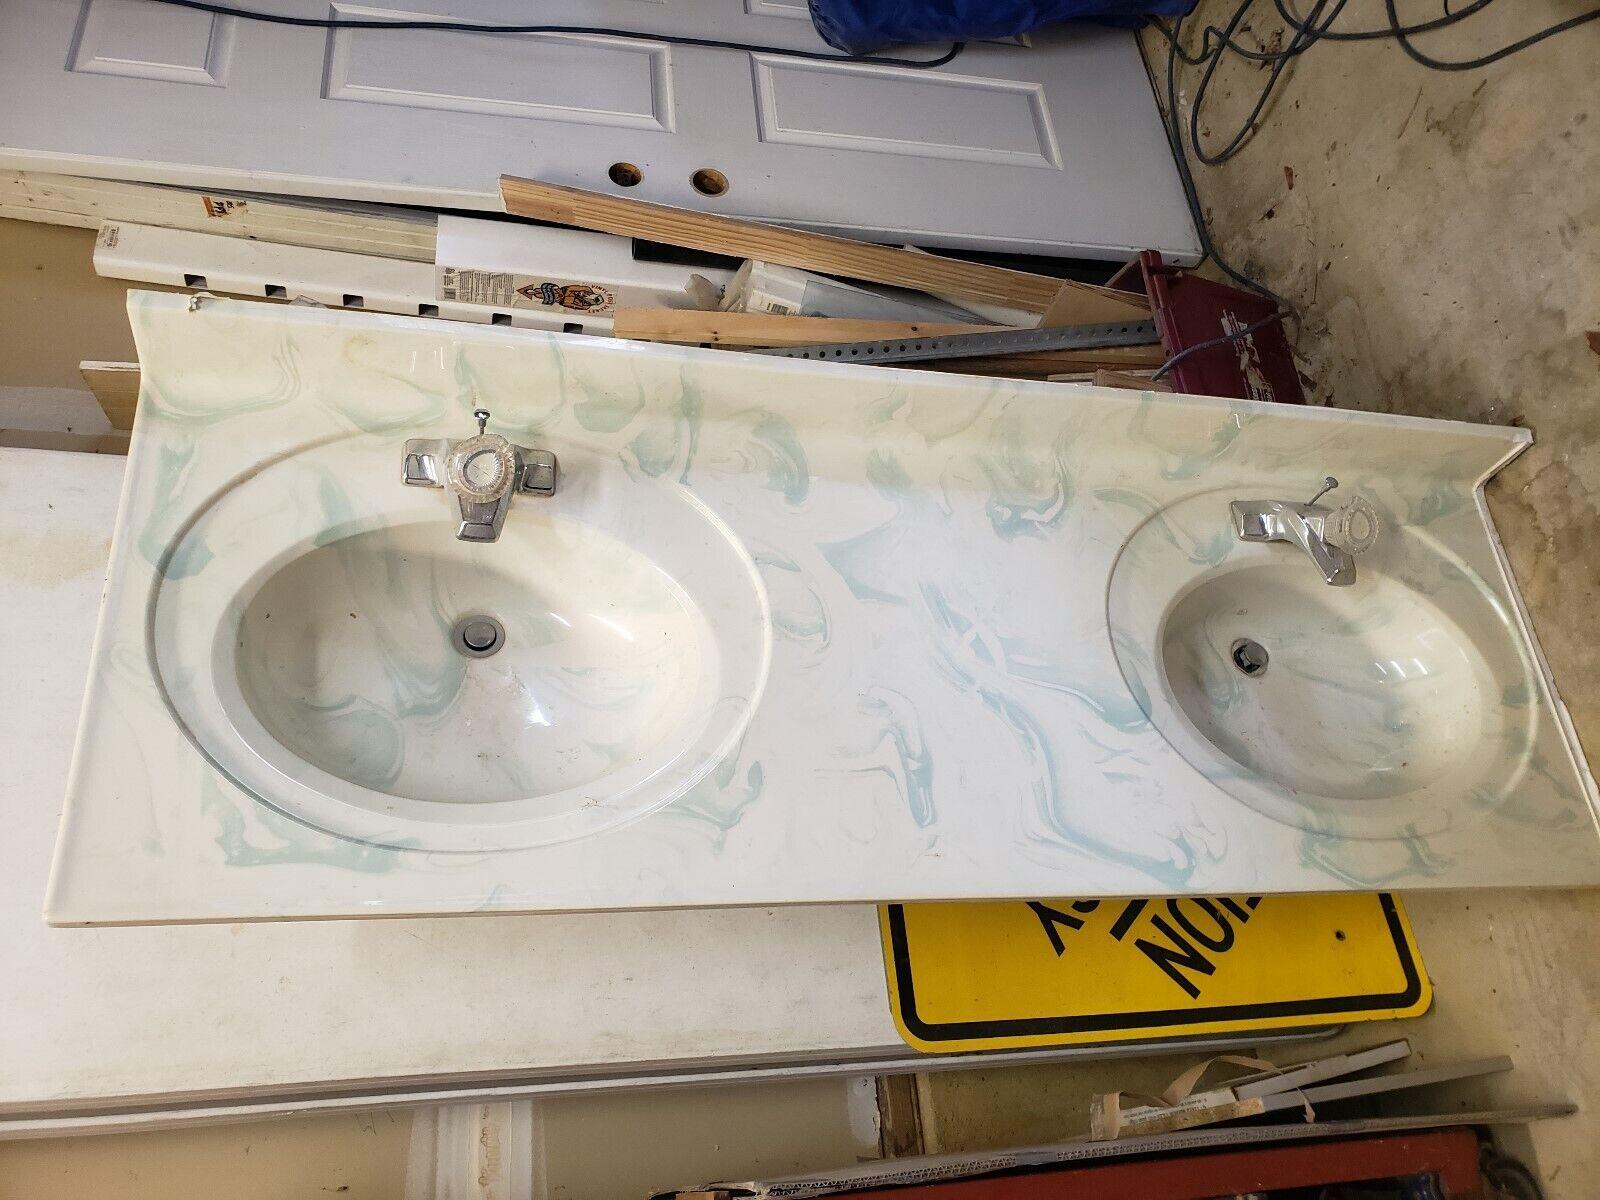 Signature Hardware 61 X 22 Teak Double Vessel Sink Vanity Top For Sale Online Ebay